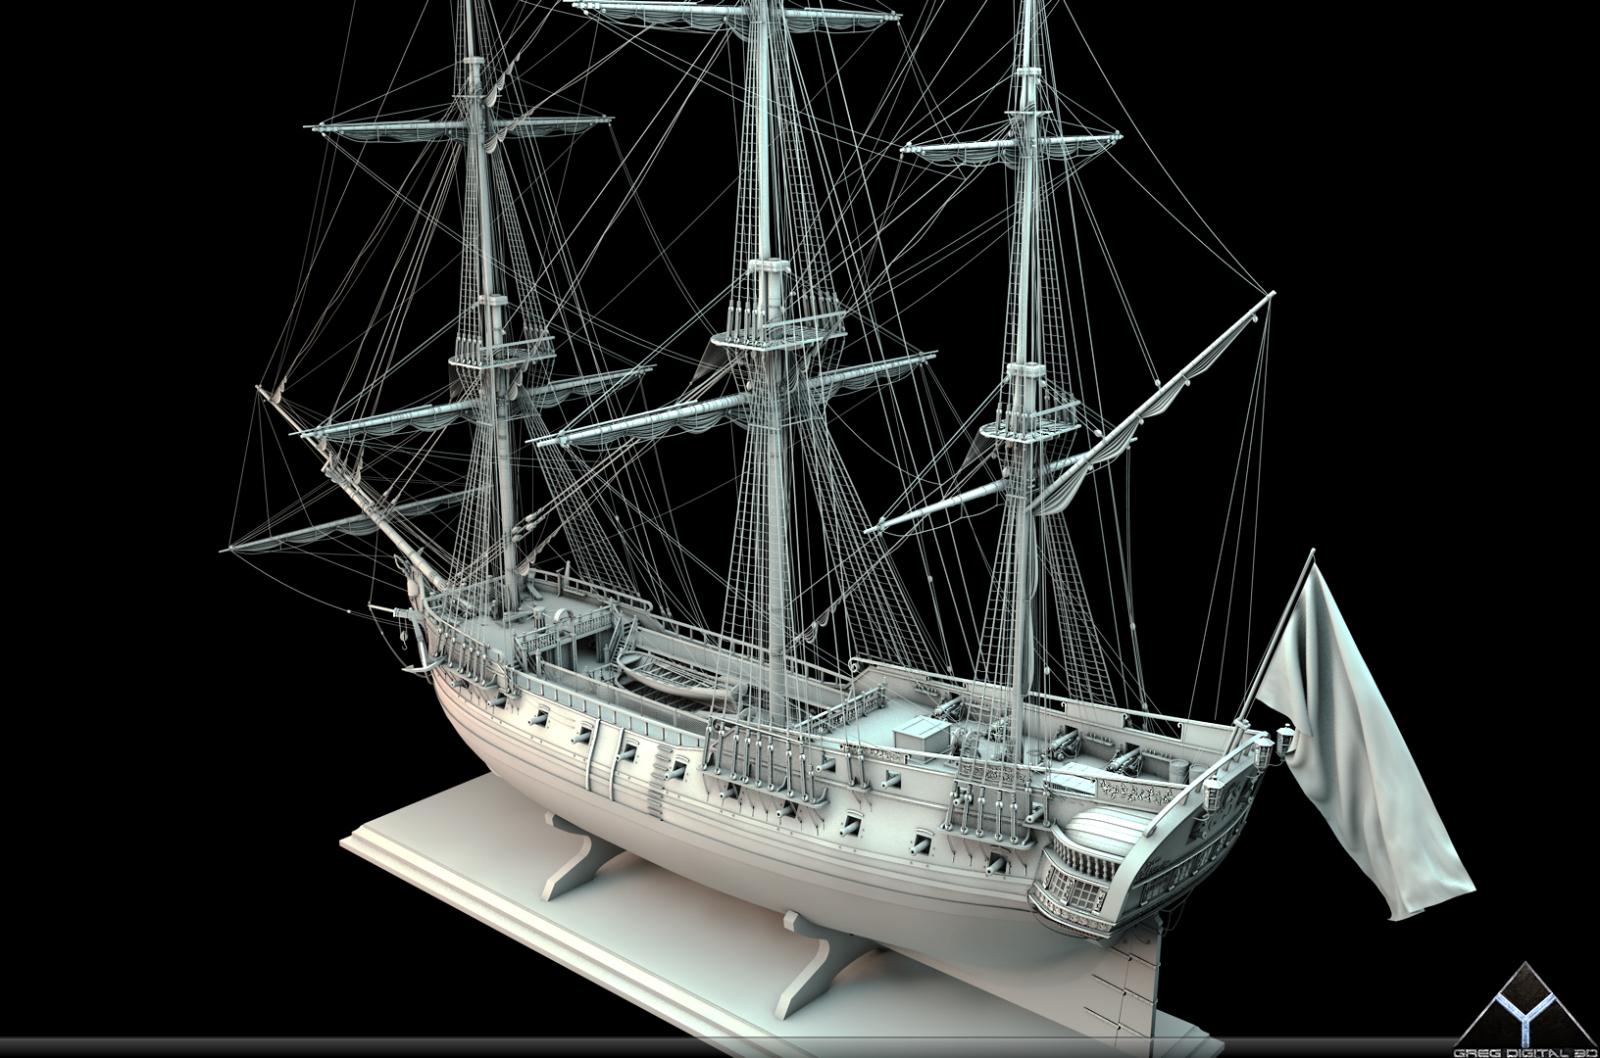 Frégate m'a première réalisation d'un navire en 3D. - Page 6 965965FrgatelightroomR166